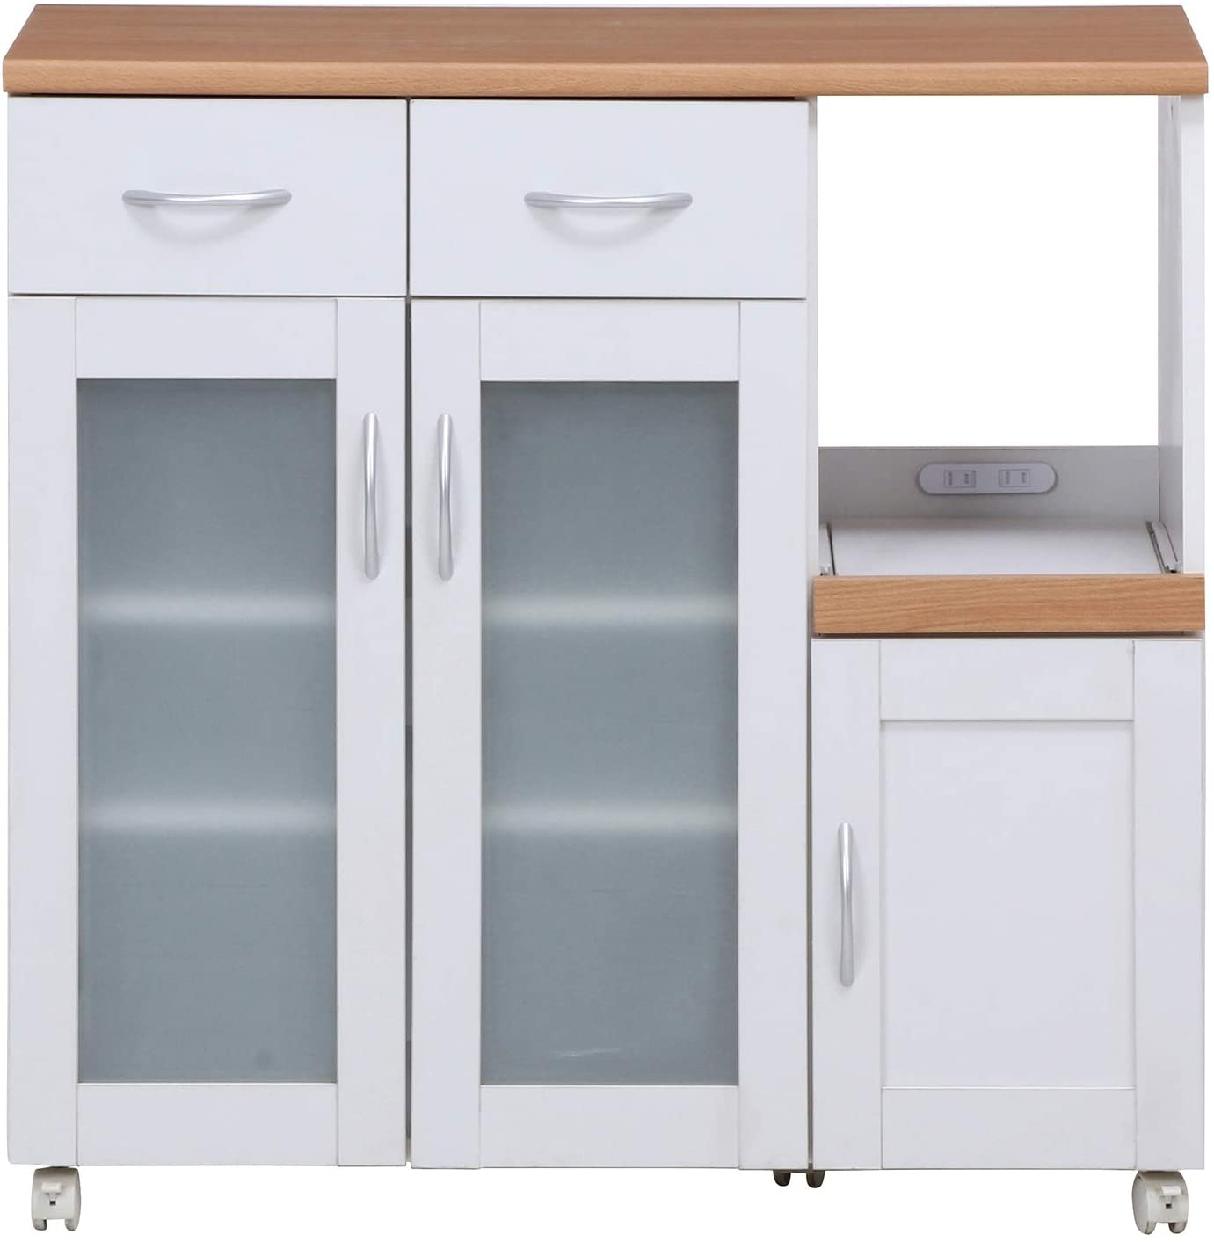 Sage(サージュ)キッチンカウンター 96819 幅90cmの商品画像2